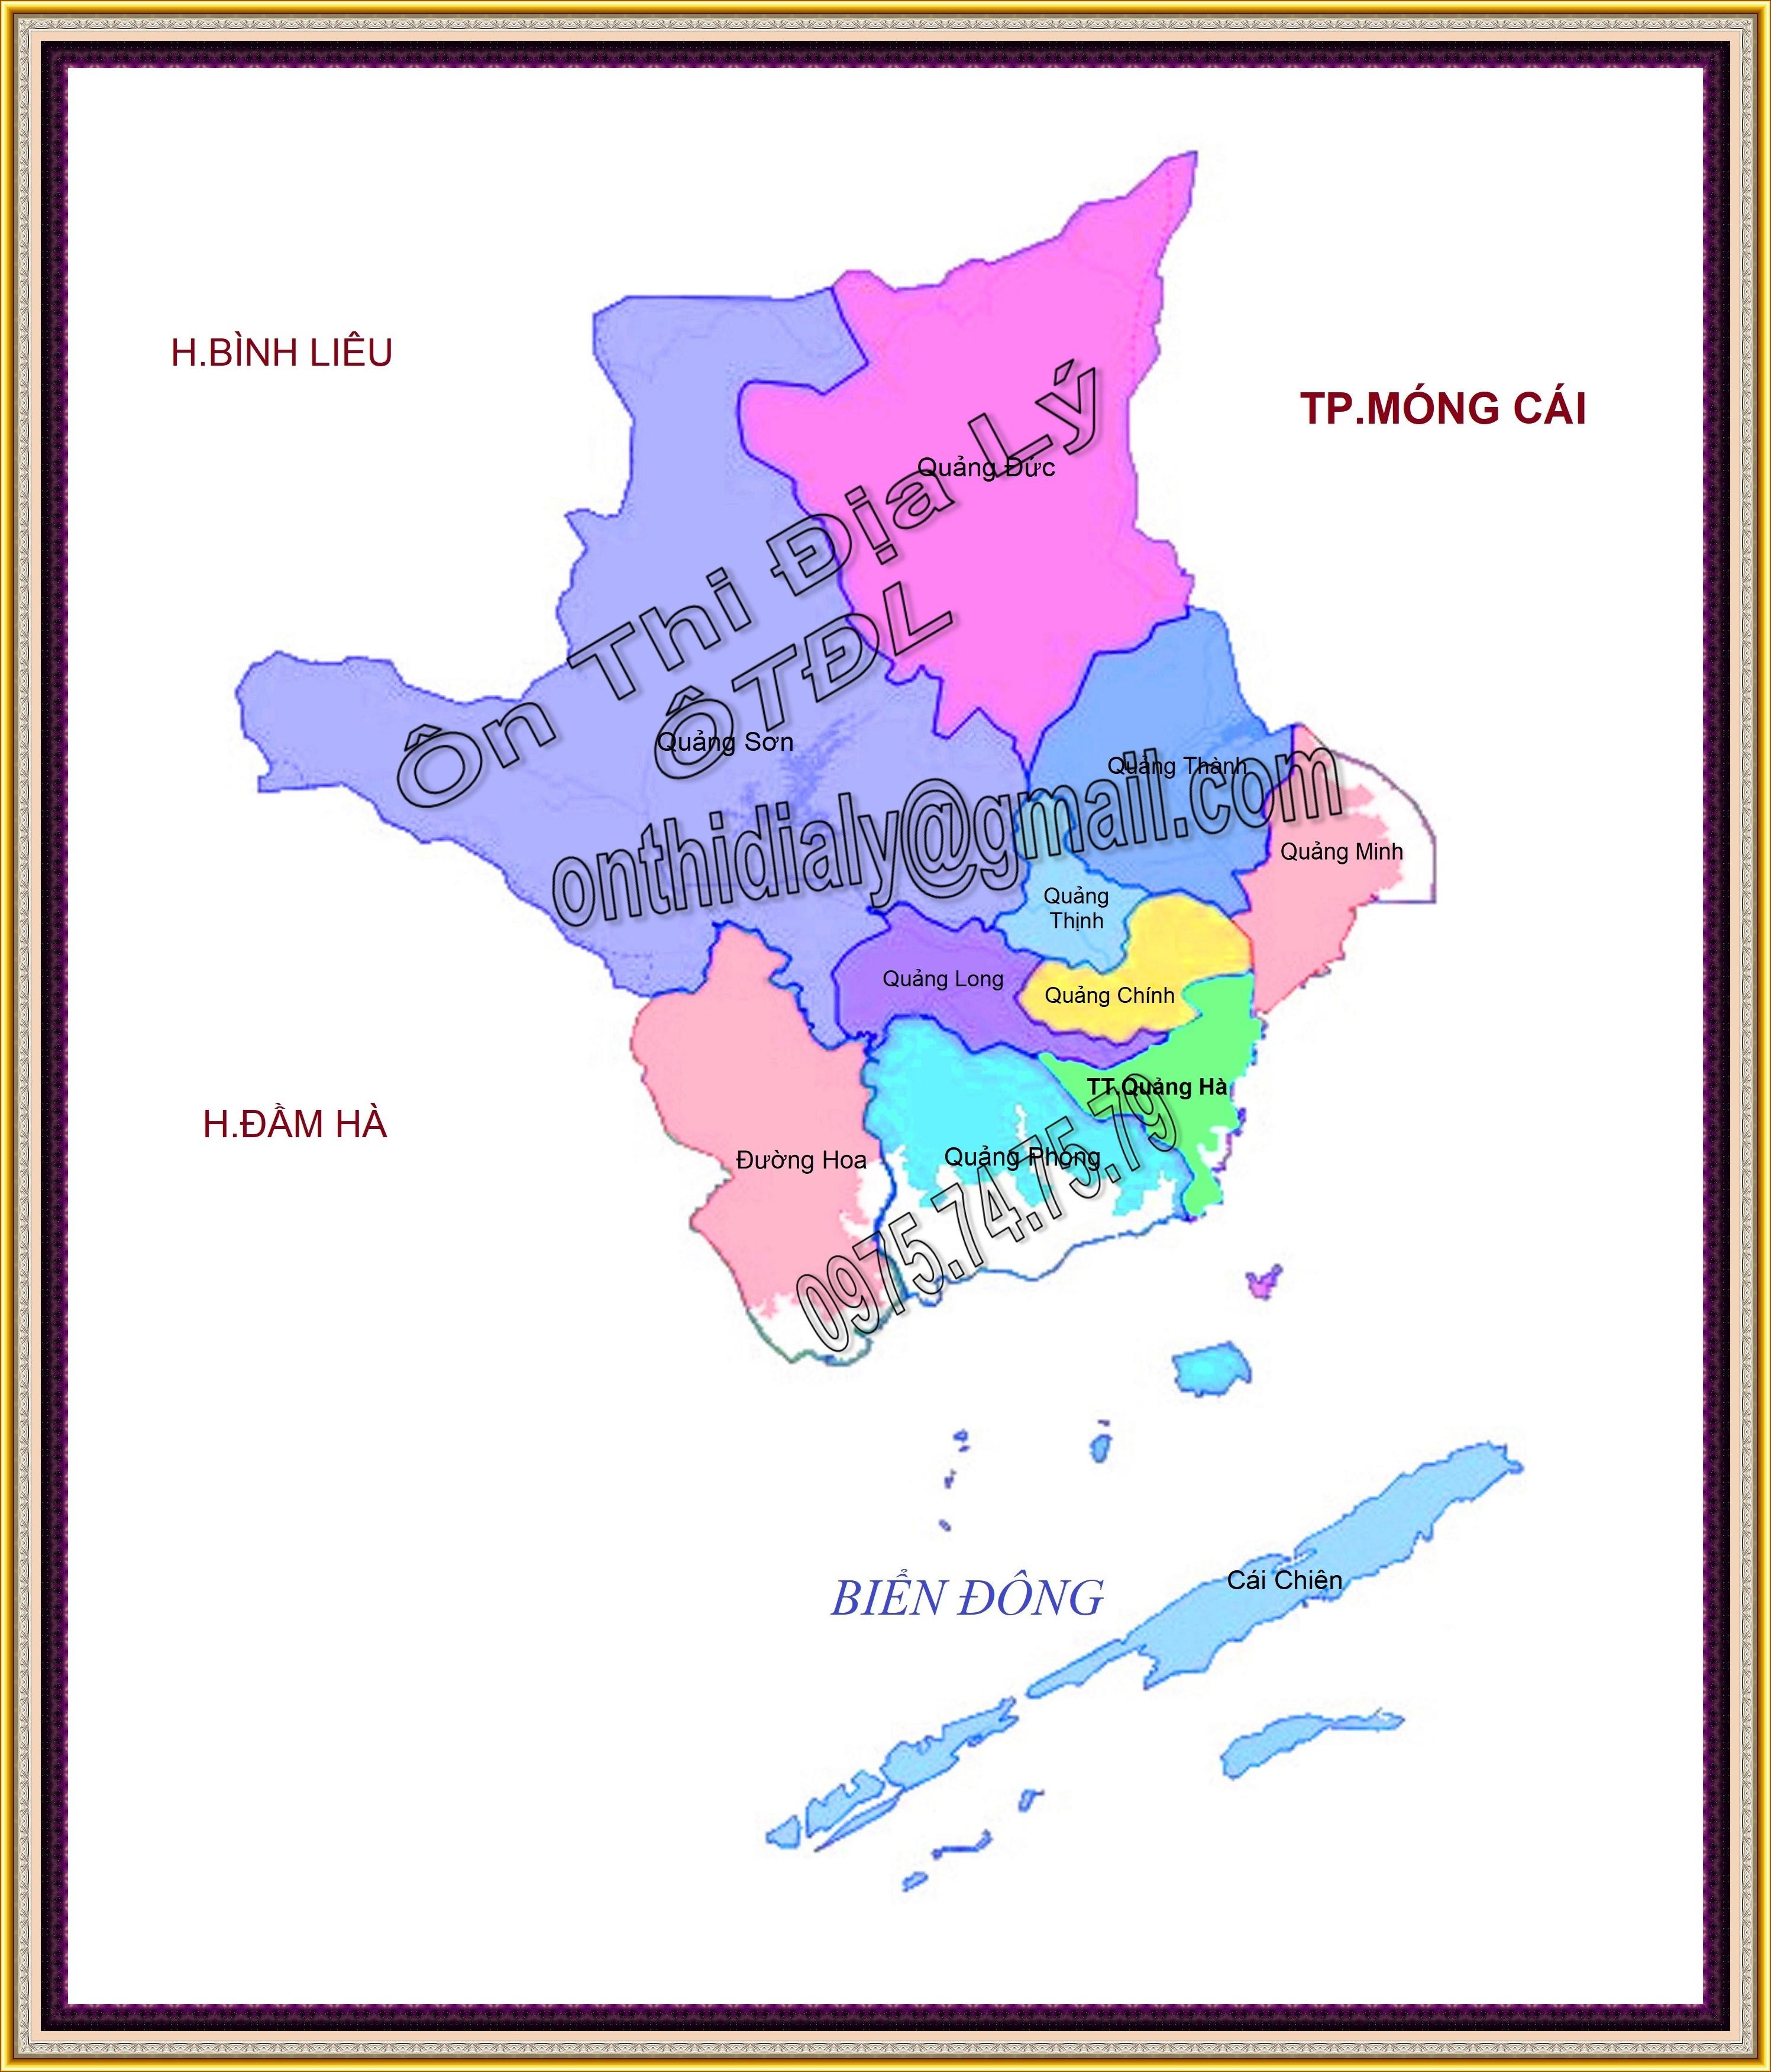 Bản đồ huyện Hải Hà, tỉnh Quảng Ninh